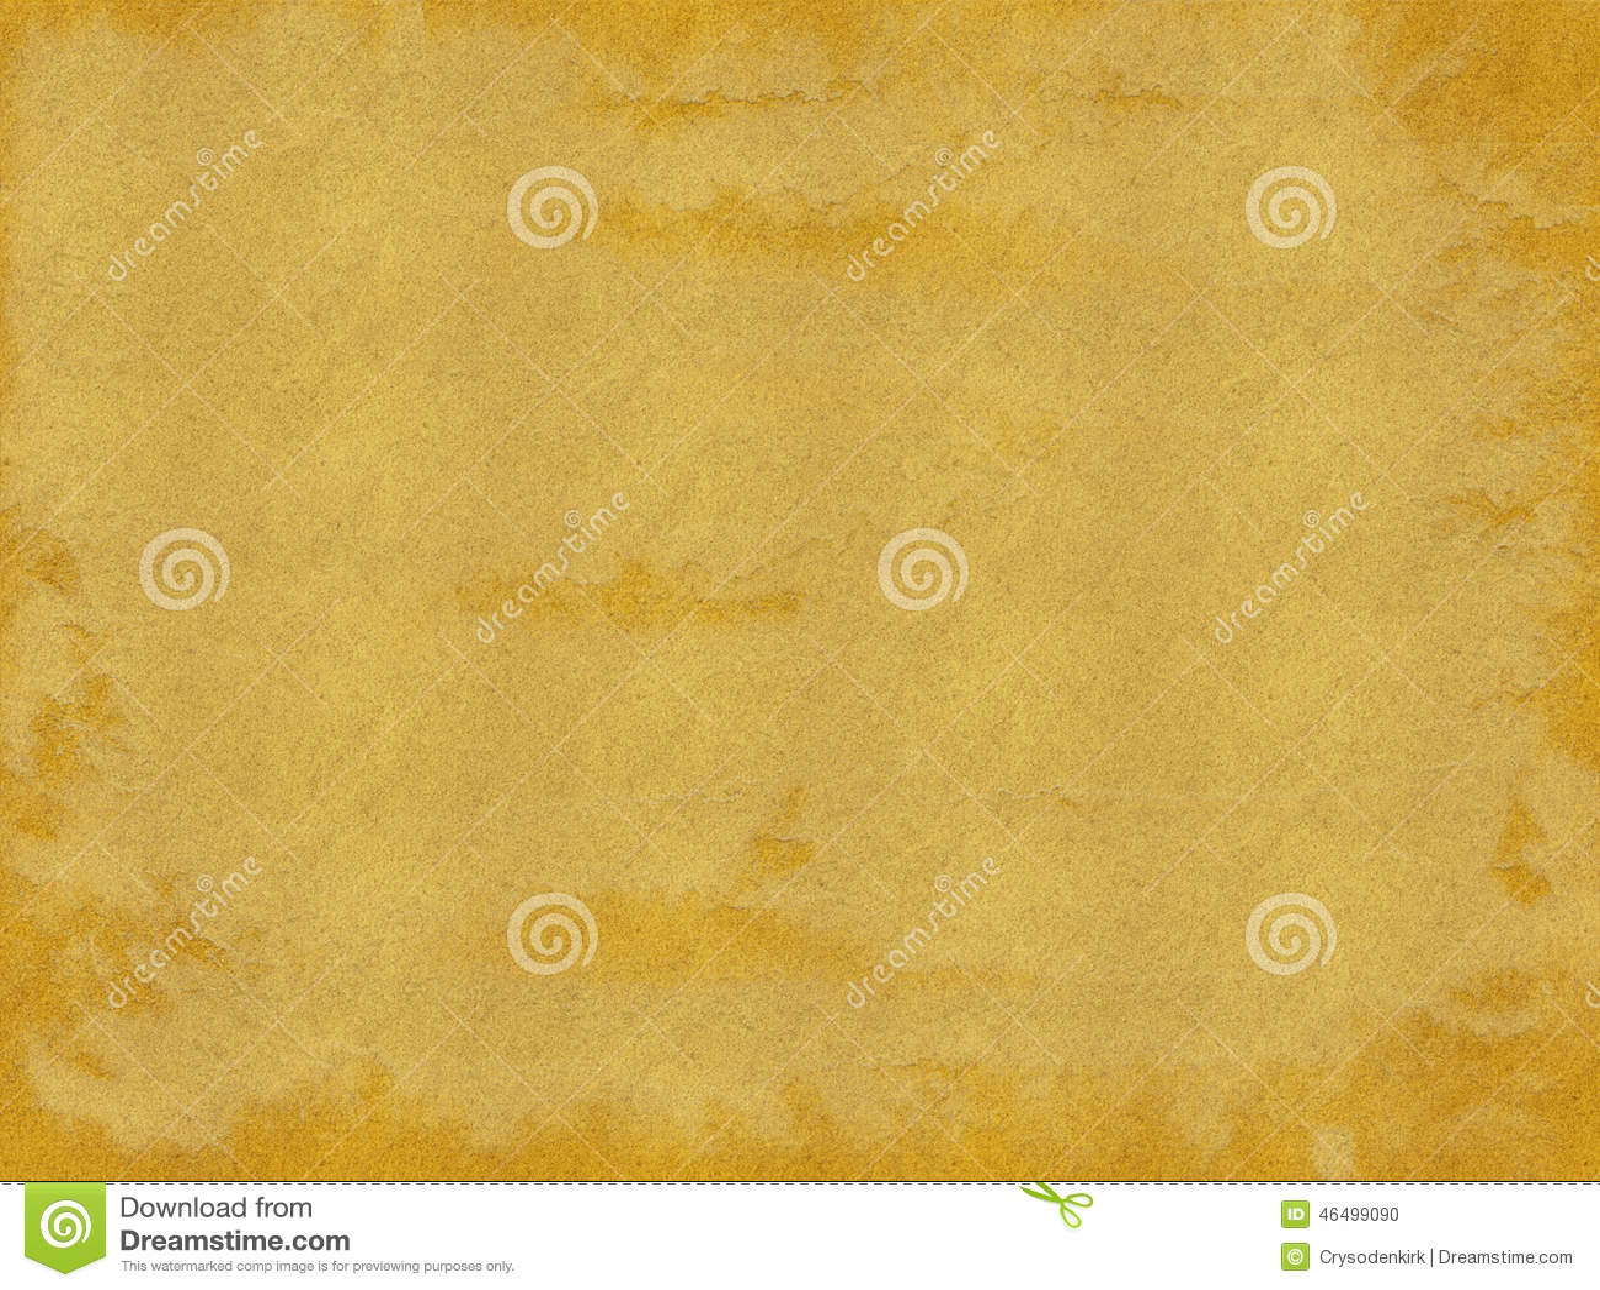 Brunt och guld bedrövad pappers- texturbakgrund